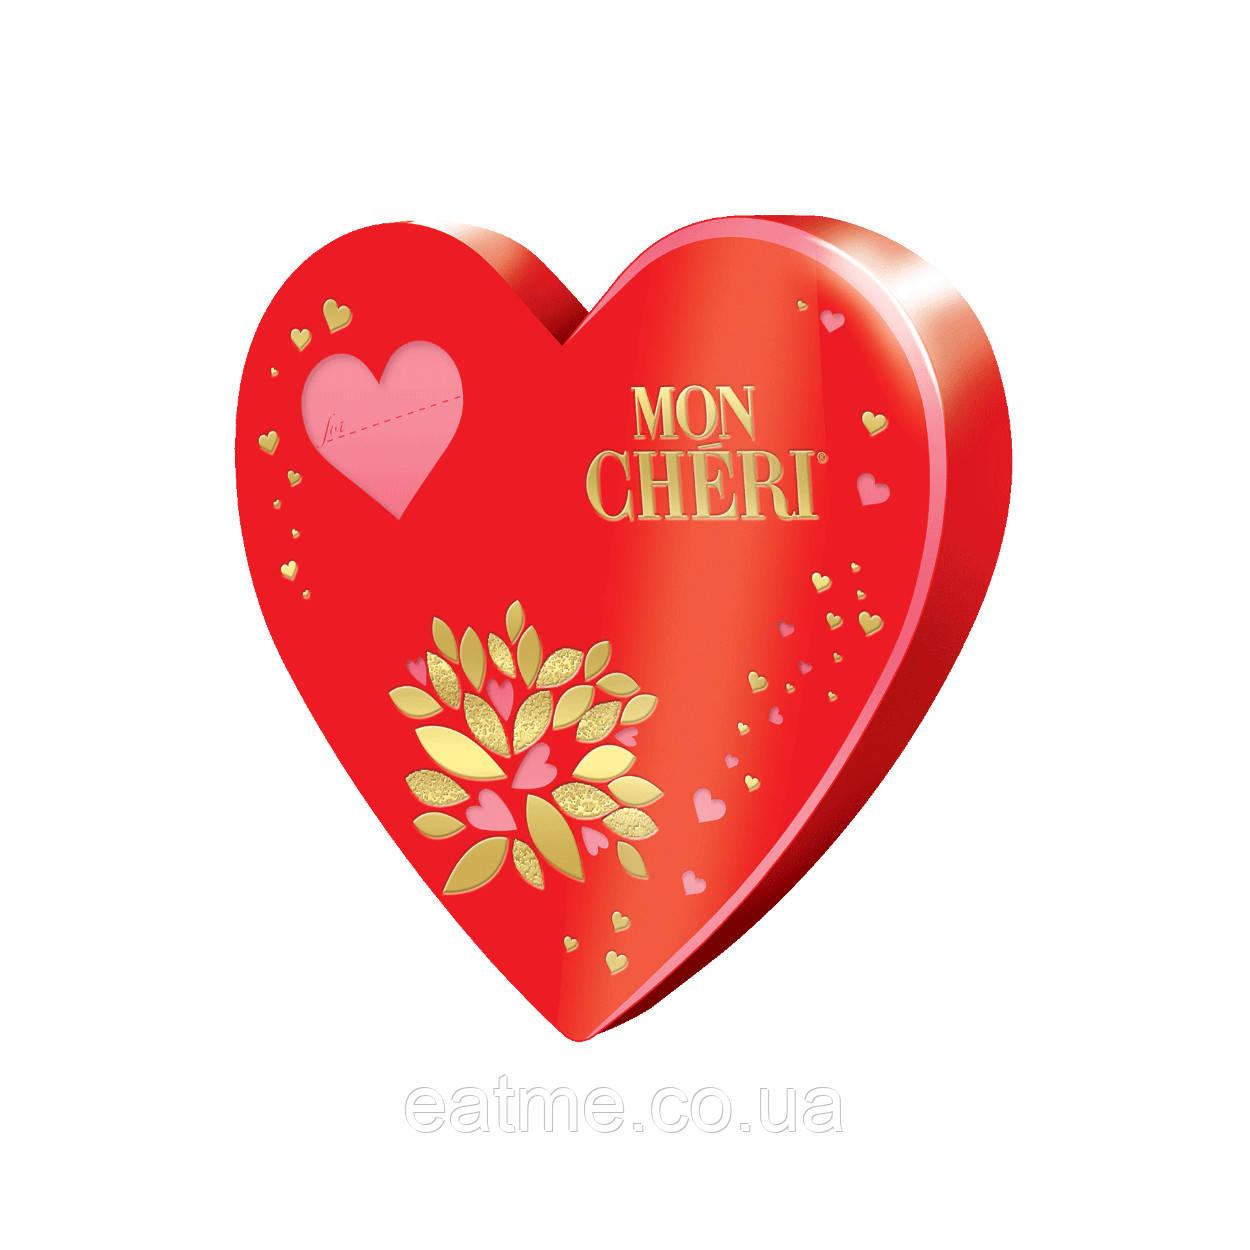 Mon Cheri - конфеты из молочного шоколада с ликером и цельной вишней внутри